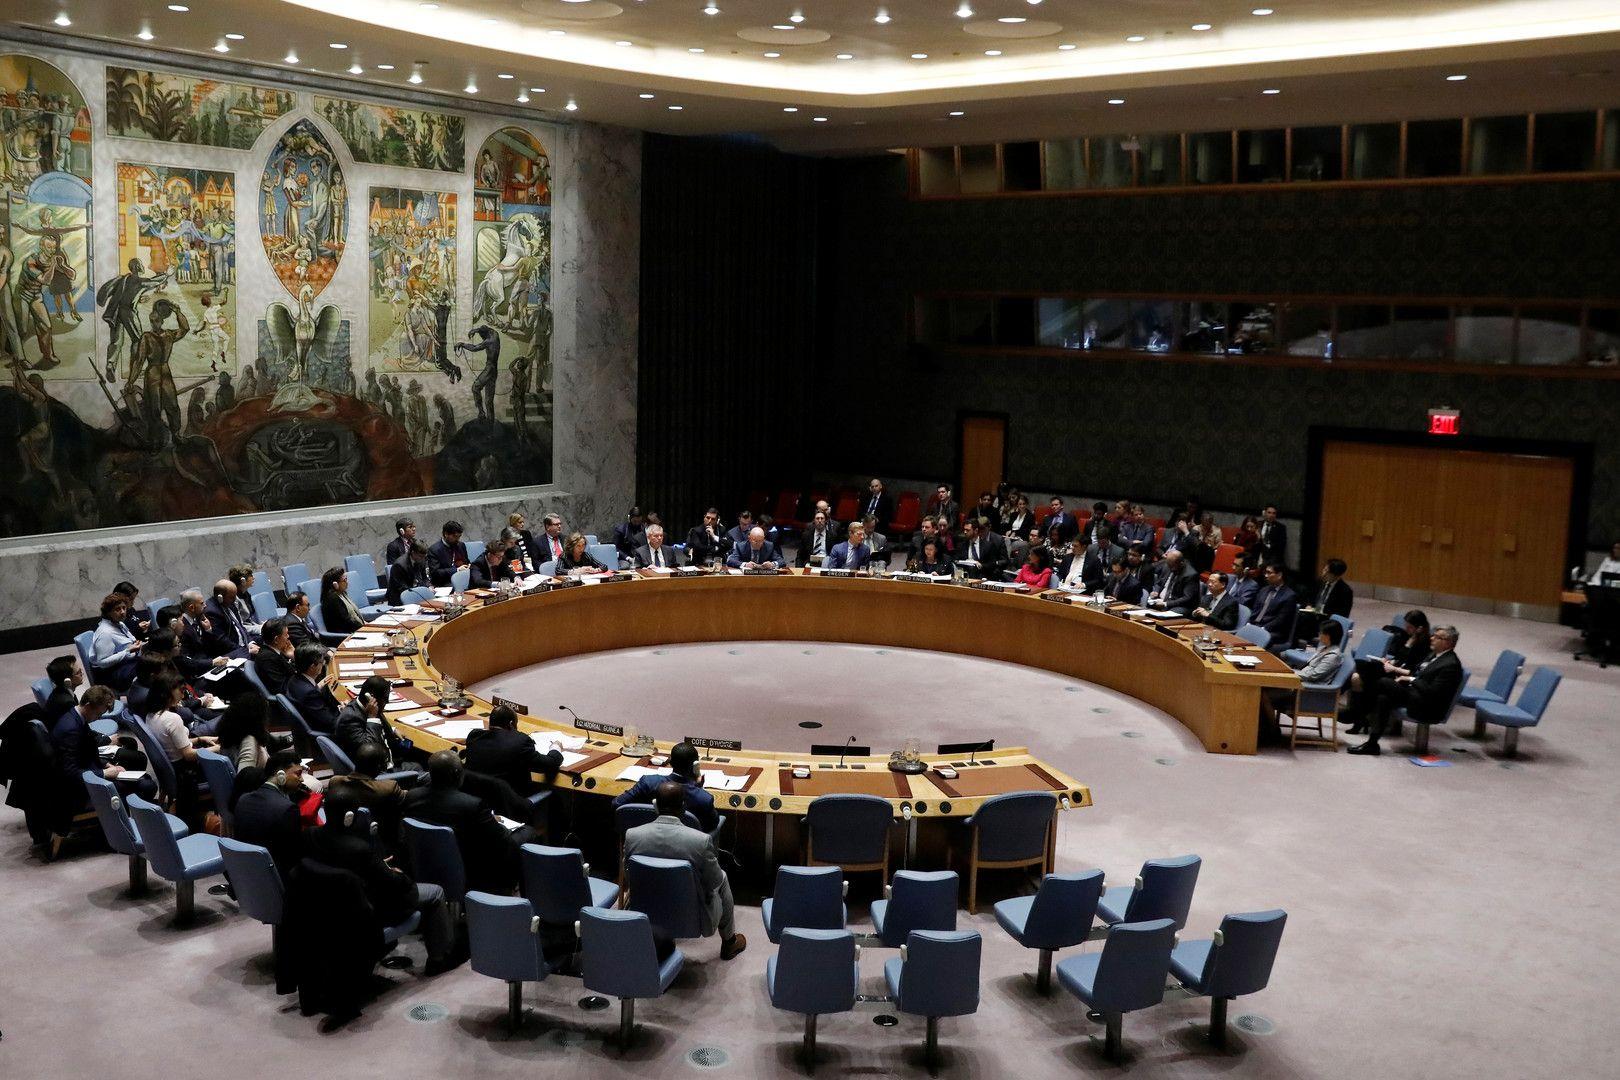 لجنة مجلس الأمن الدولي توافق على توريد المعدات لاستئناف خط الاتصال بين عسكريي الكوريتين